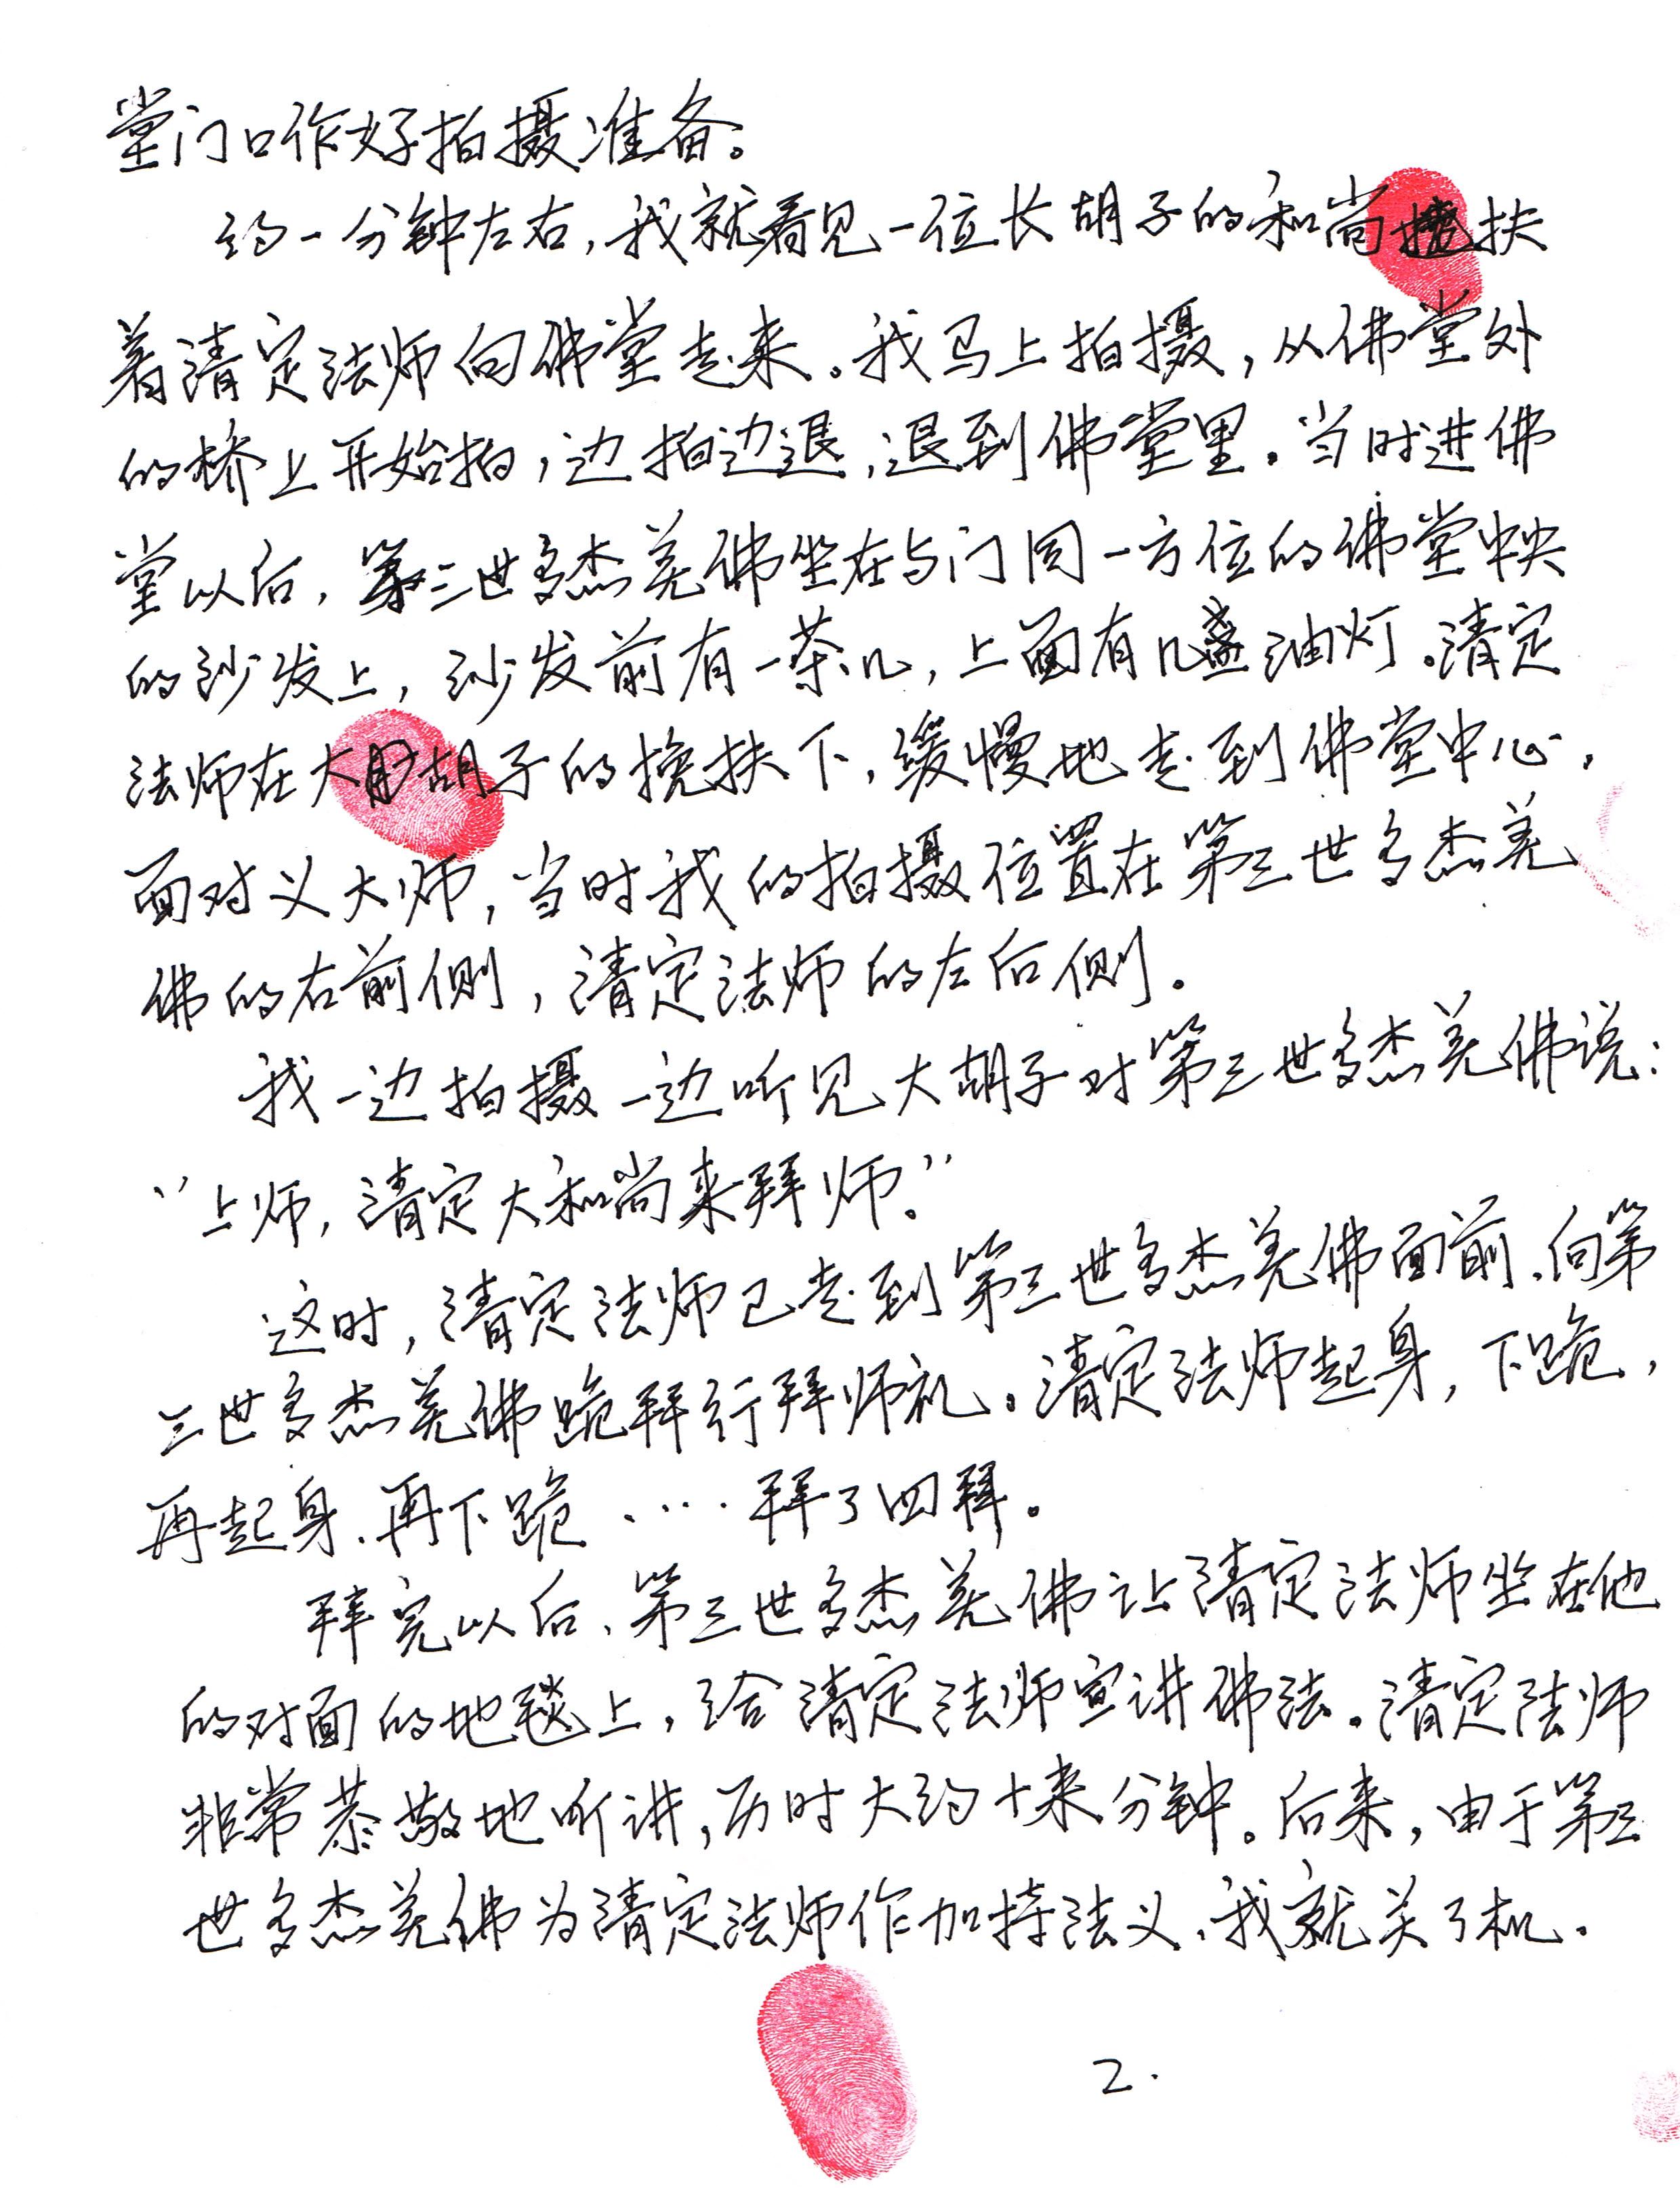 中国佛教协会高僧清定法师拜南无第三世多杰羌佛为师 第6张